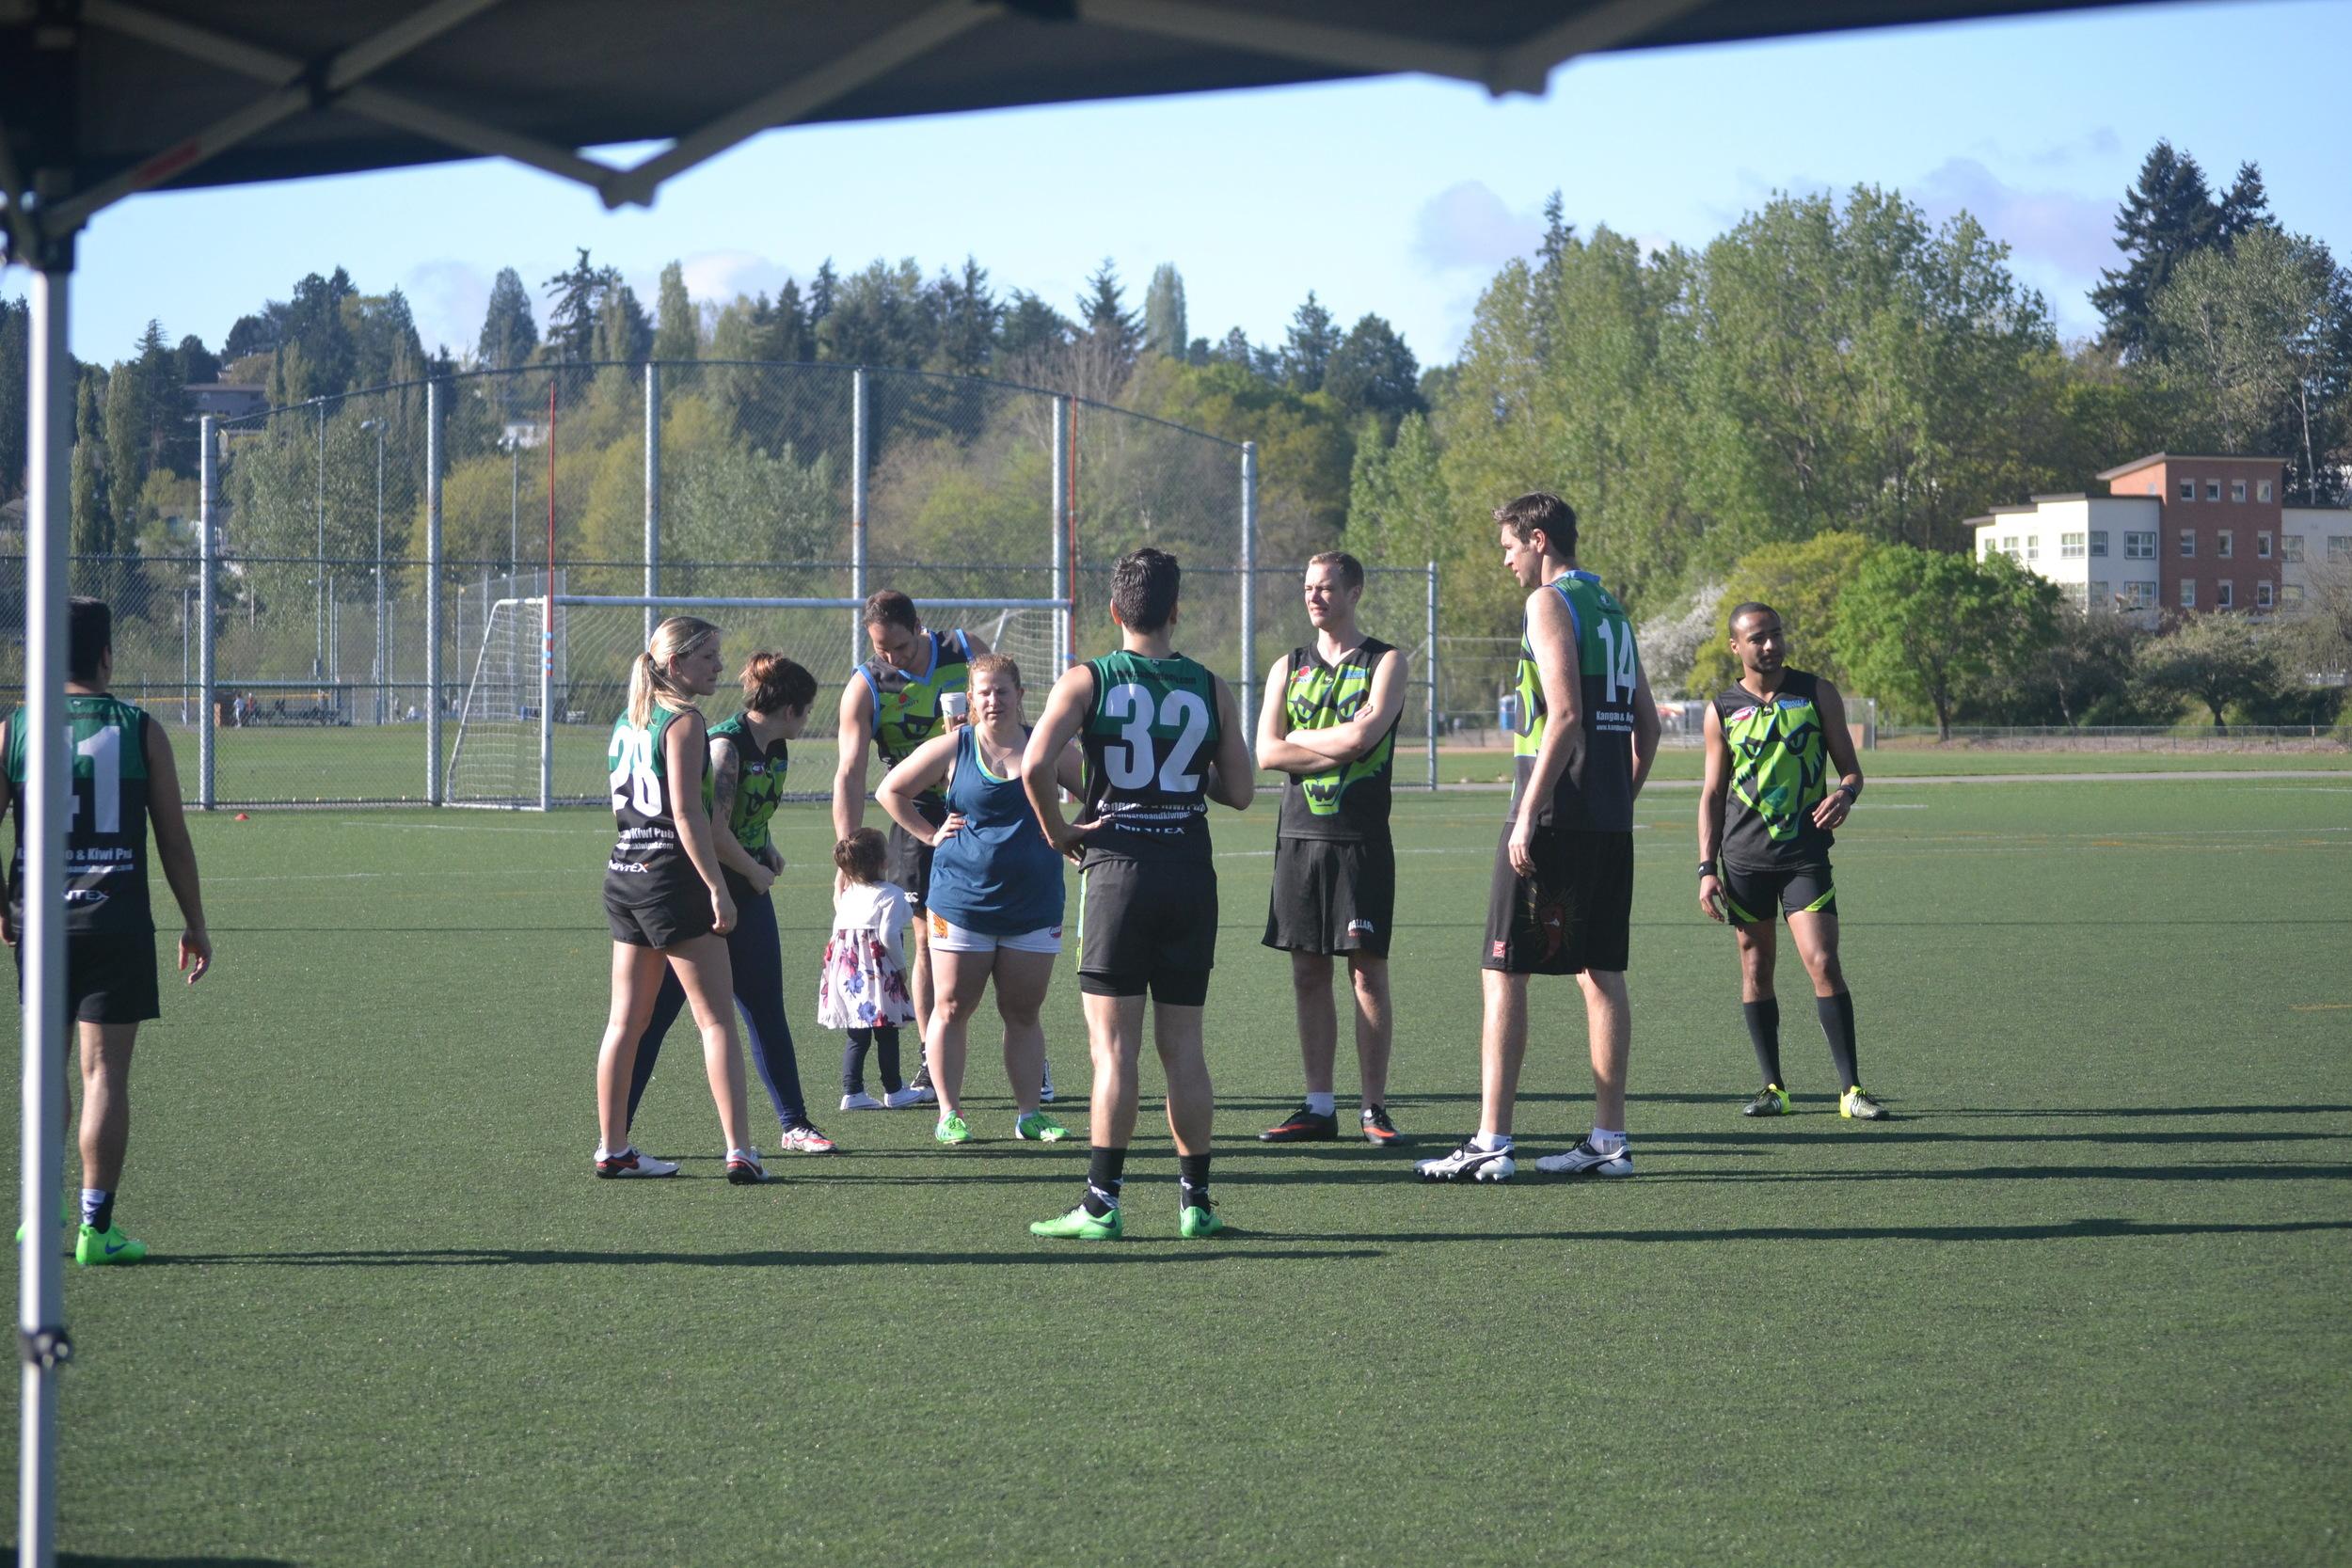 Pre-game deliberation